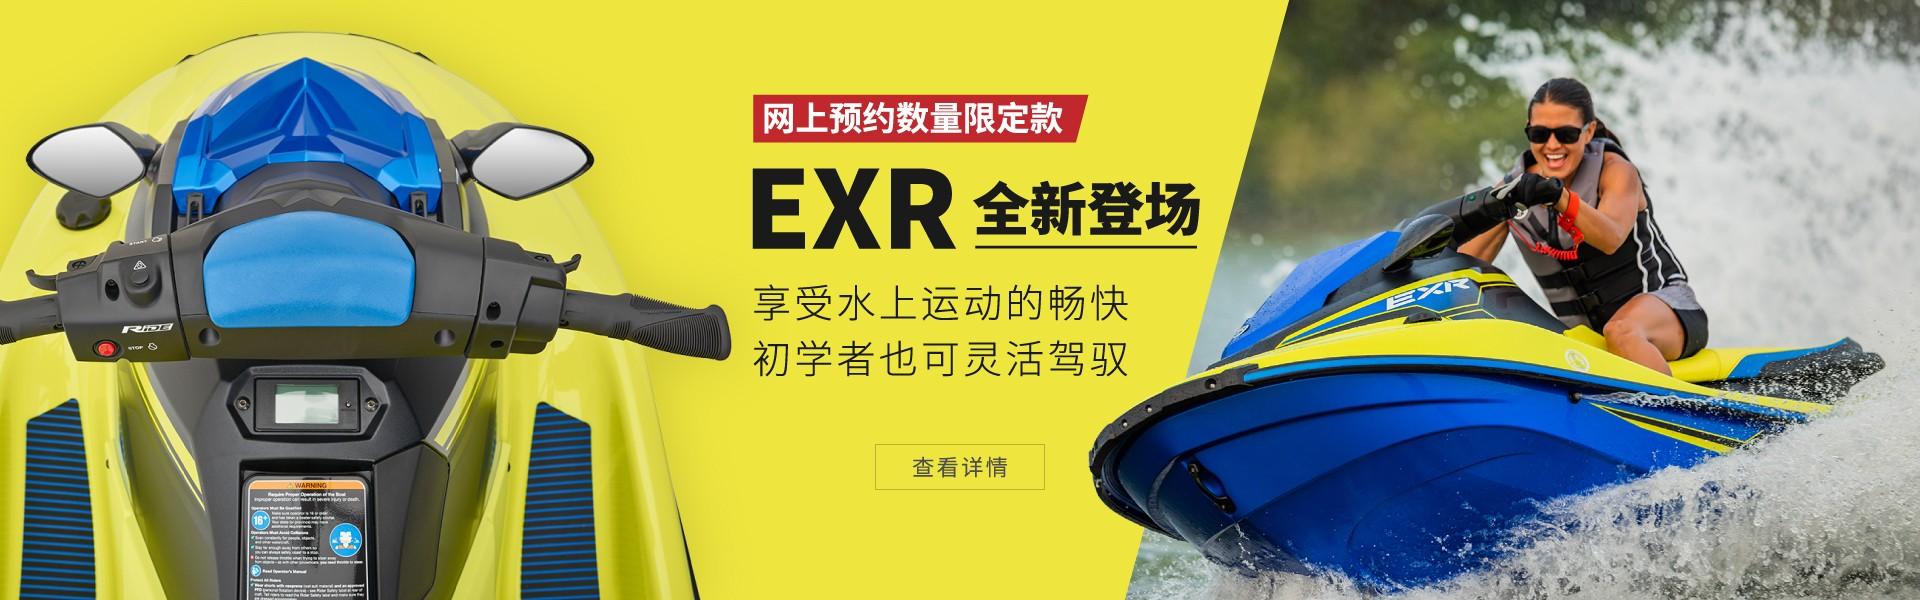 新款EXR.jpg